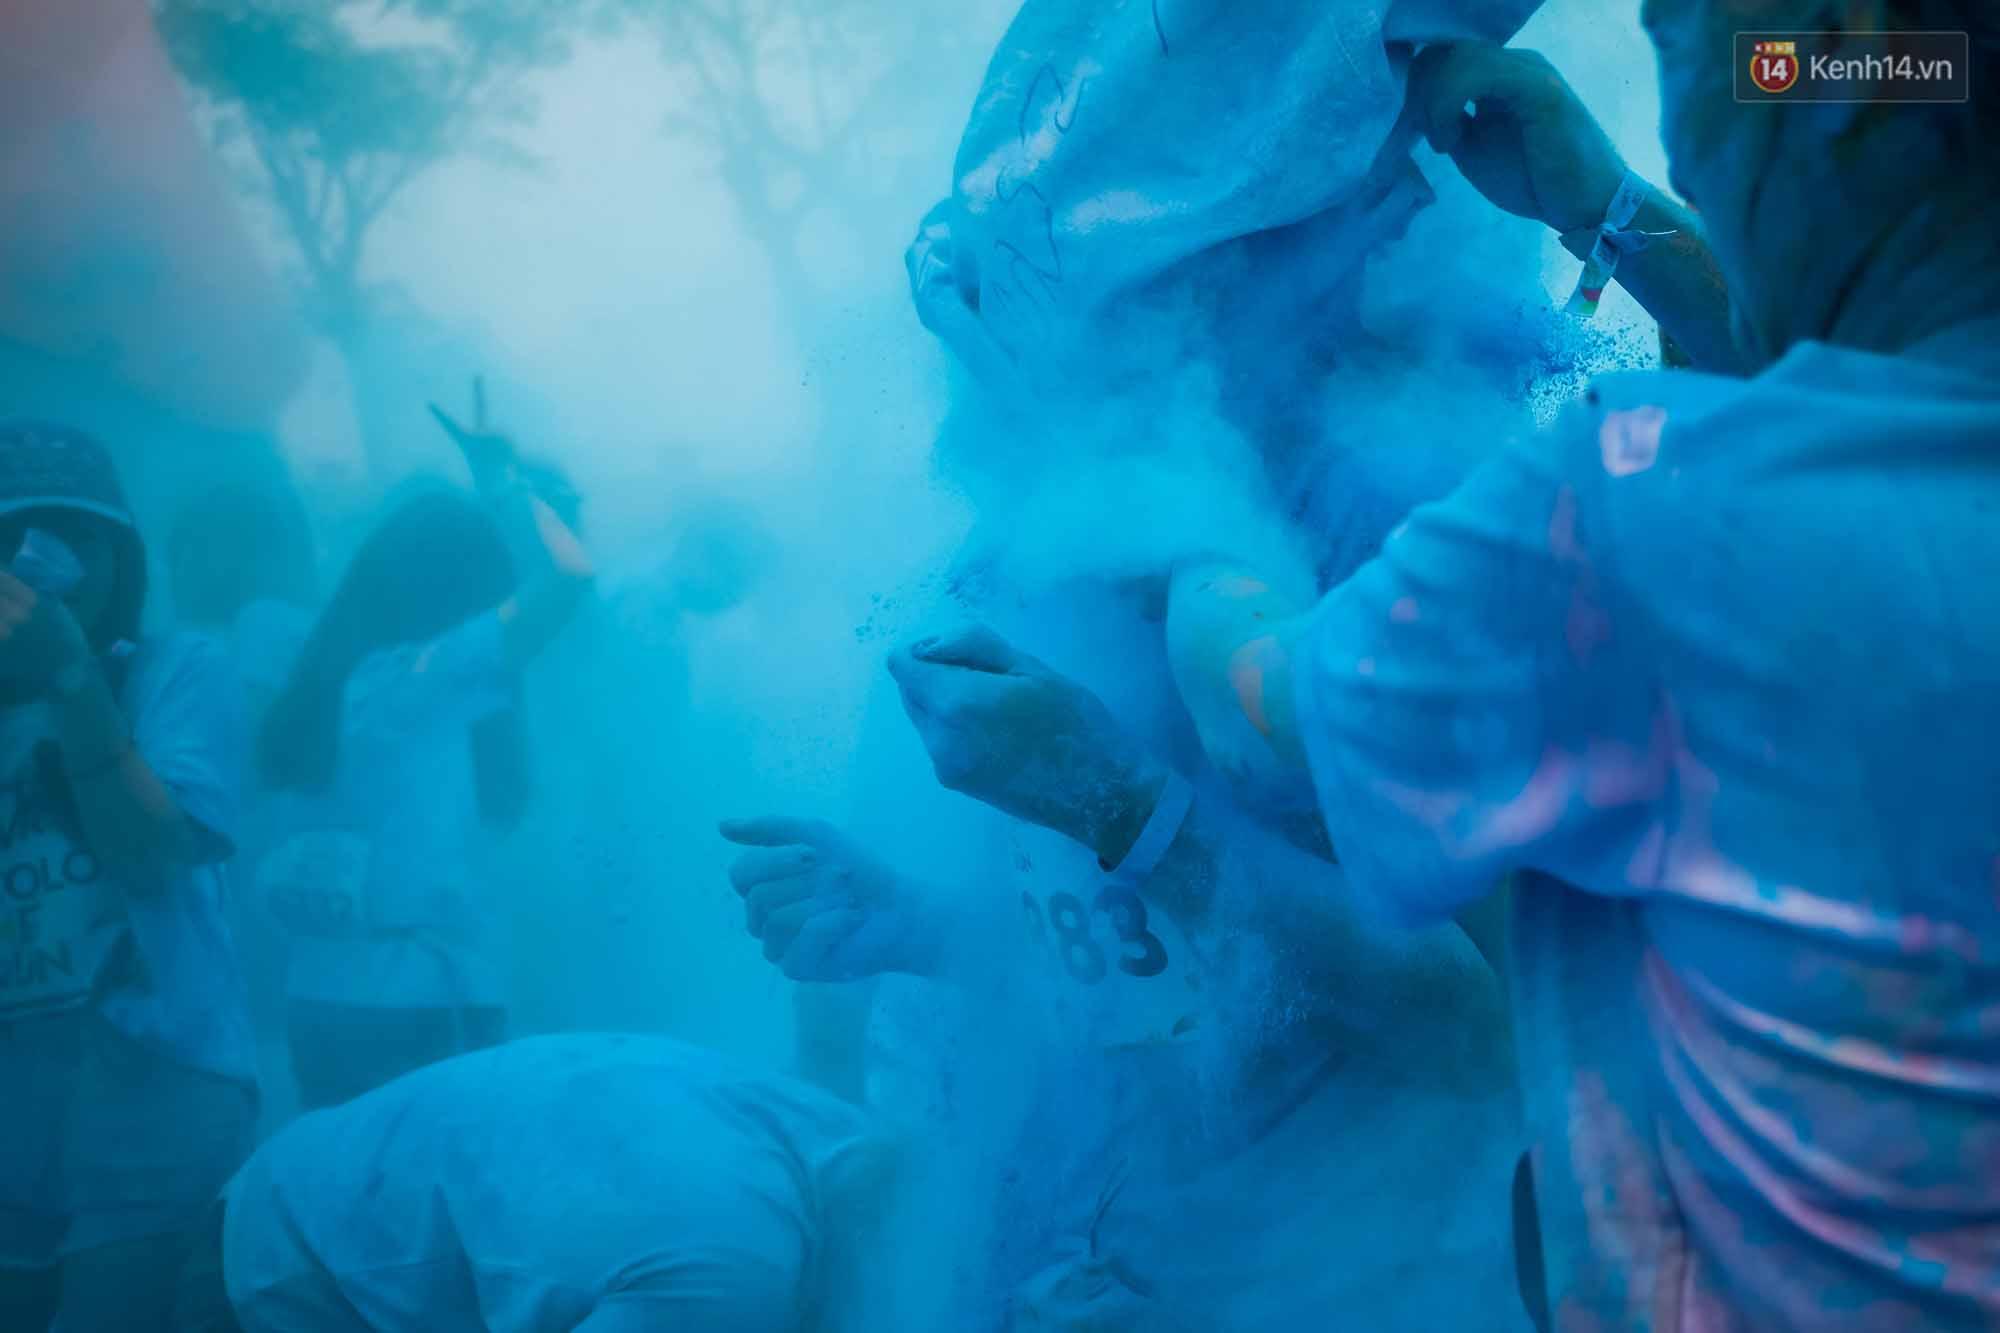 Những khoảnh khắc chứng minh đi Color Me Run lúc nào cũng vui và được quẩy hết mình! - Ảnh 11.